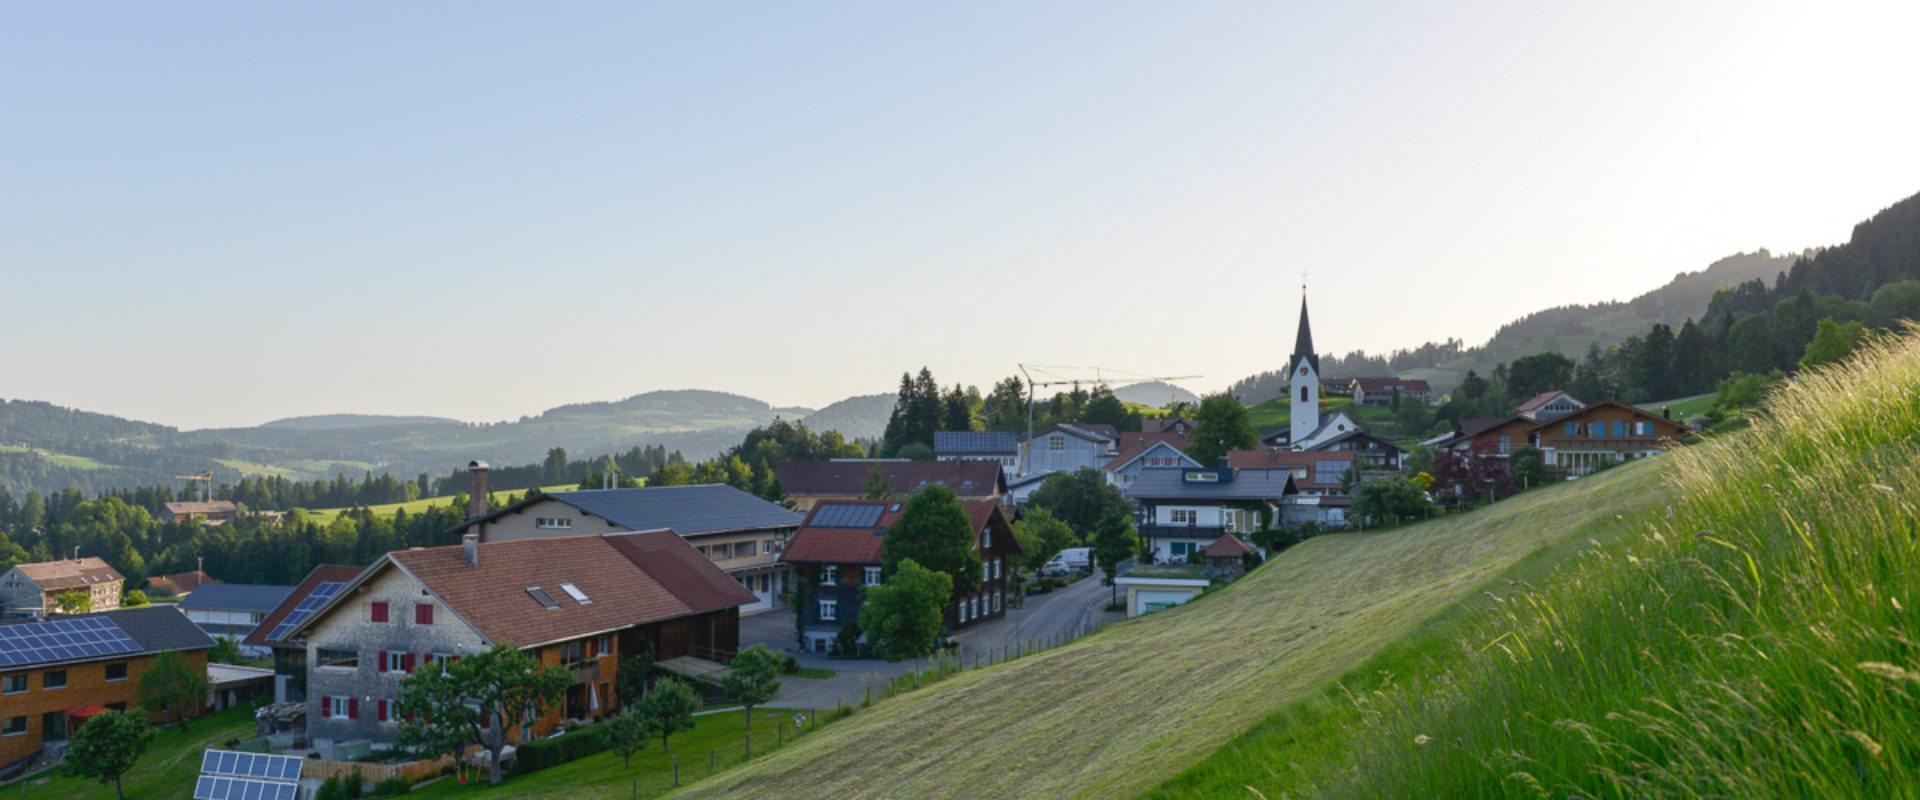 riefensberg_sommer (1)